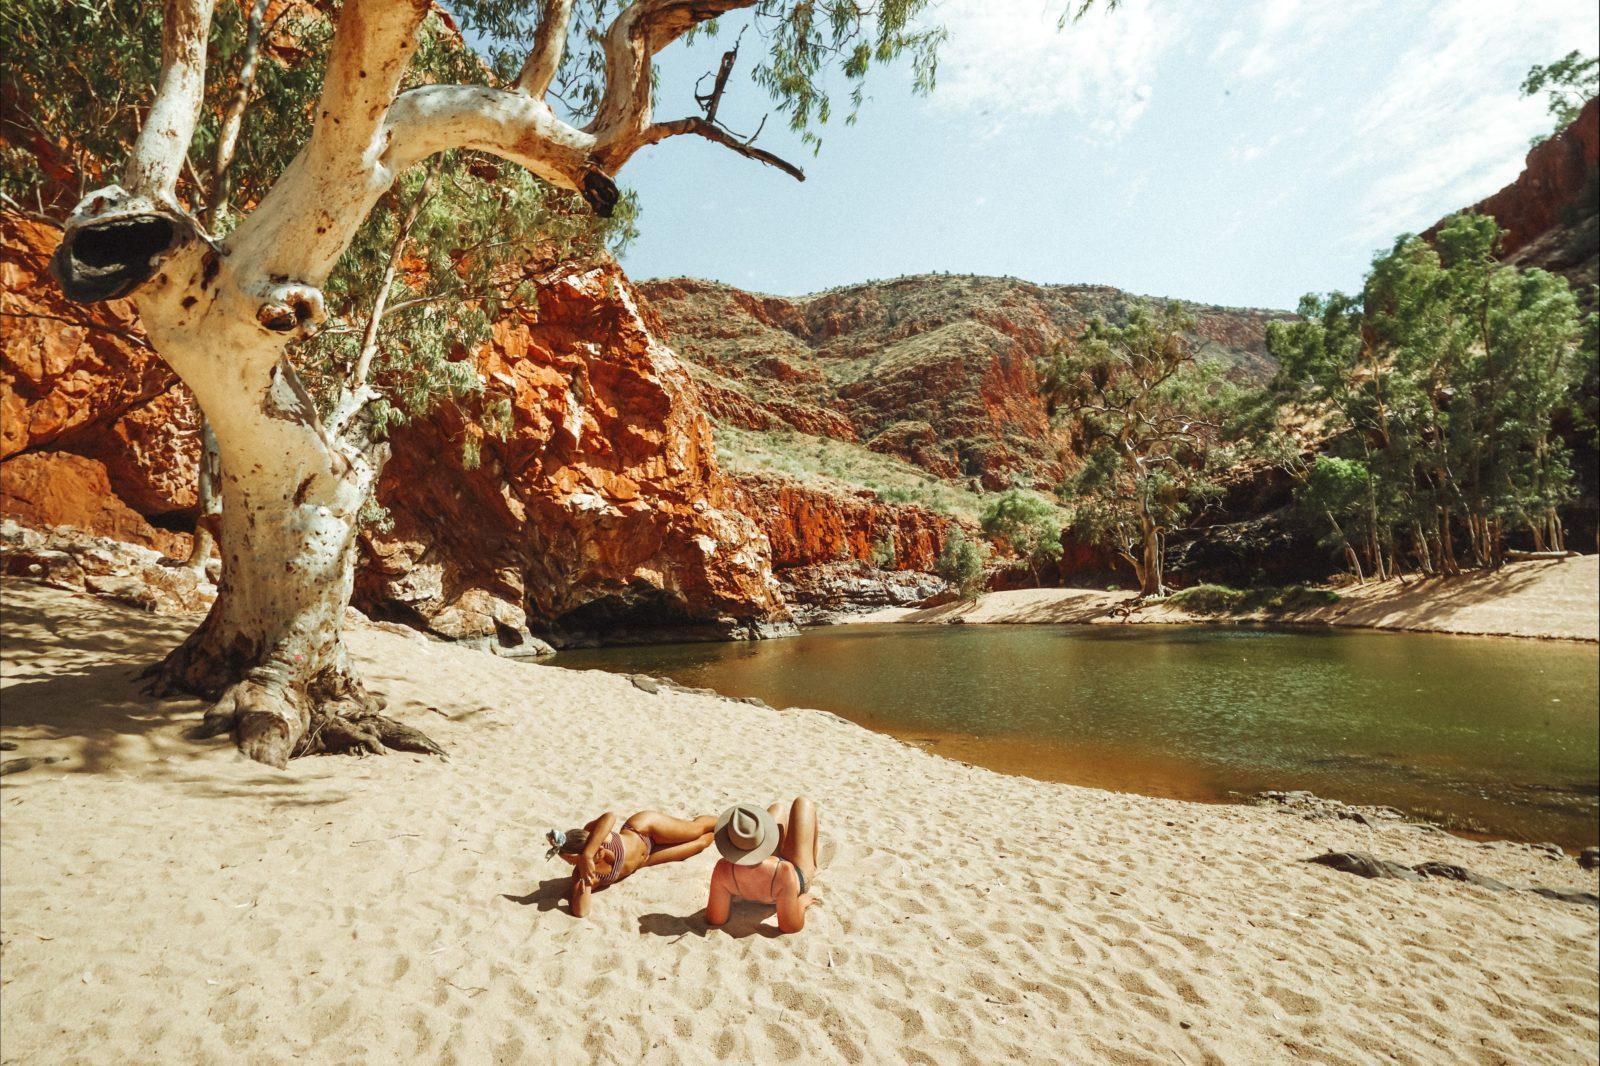 Two women sunbathing on white sand next to the waterhole at Ormiston Gorge